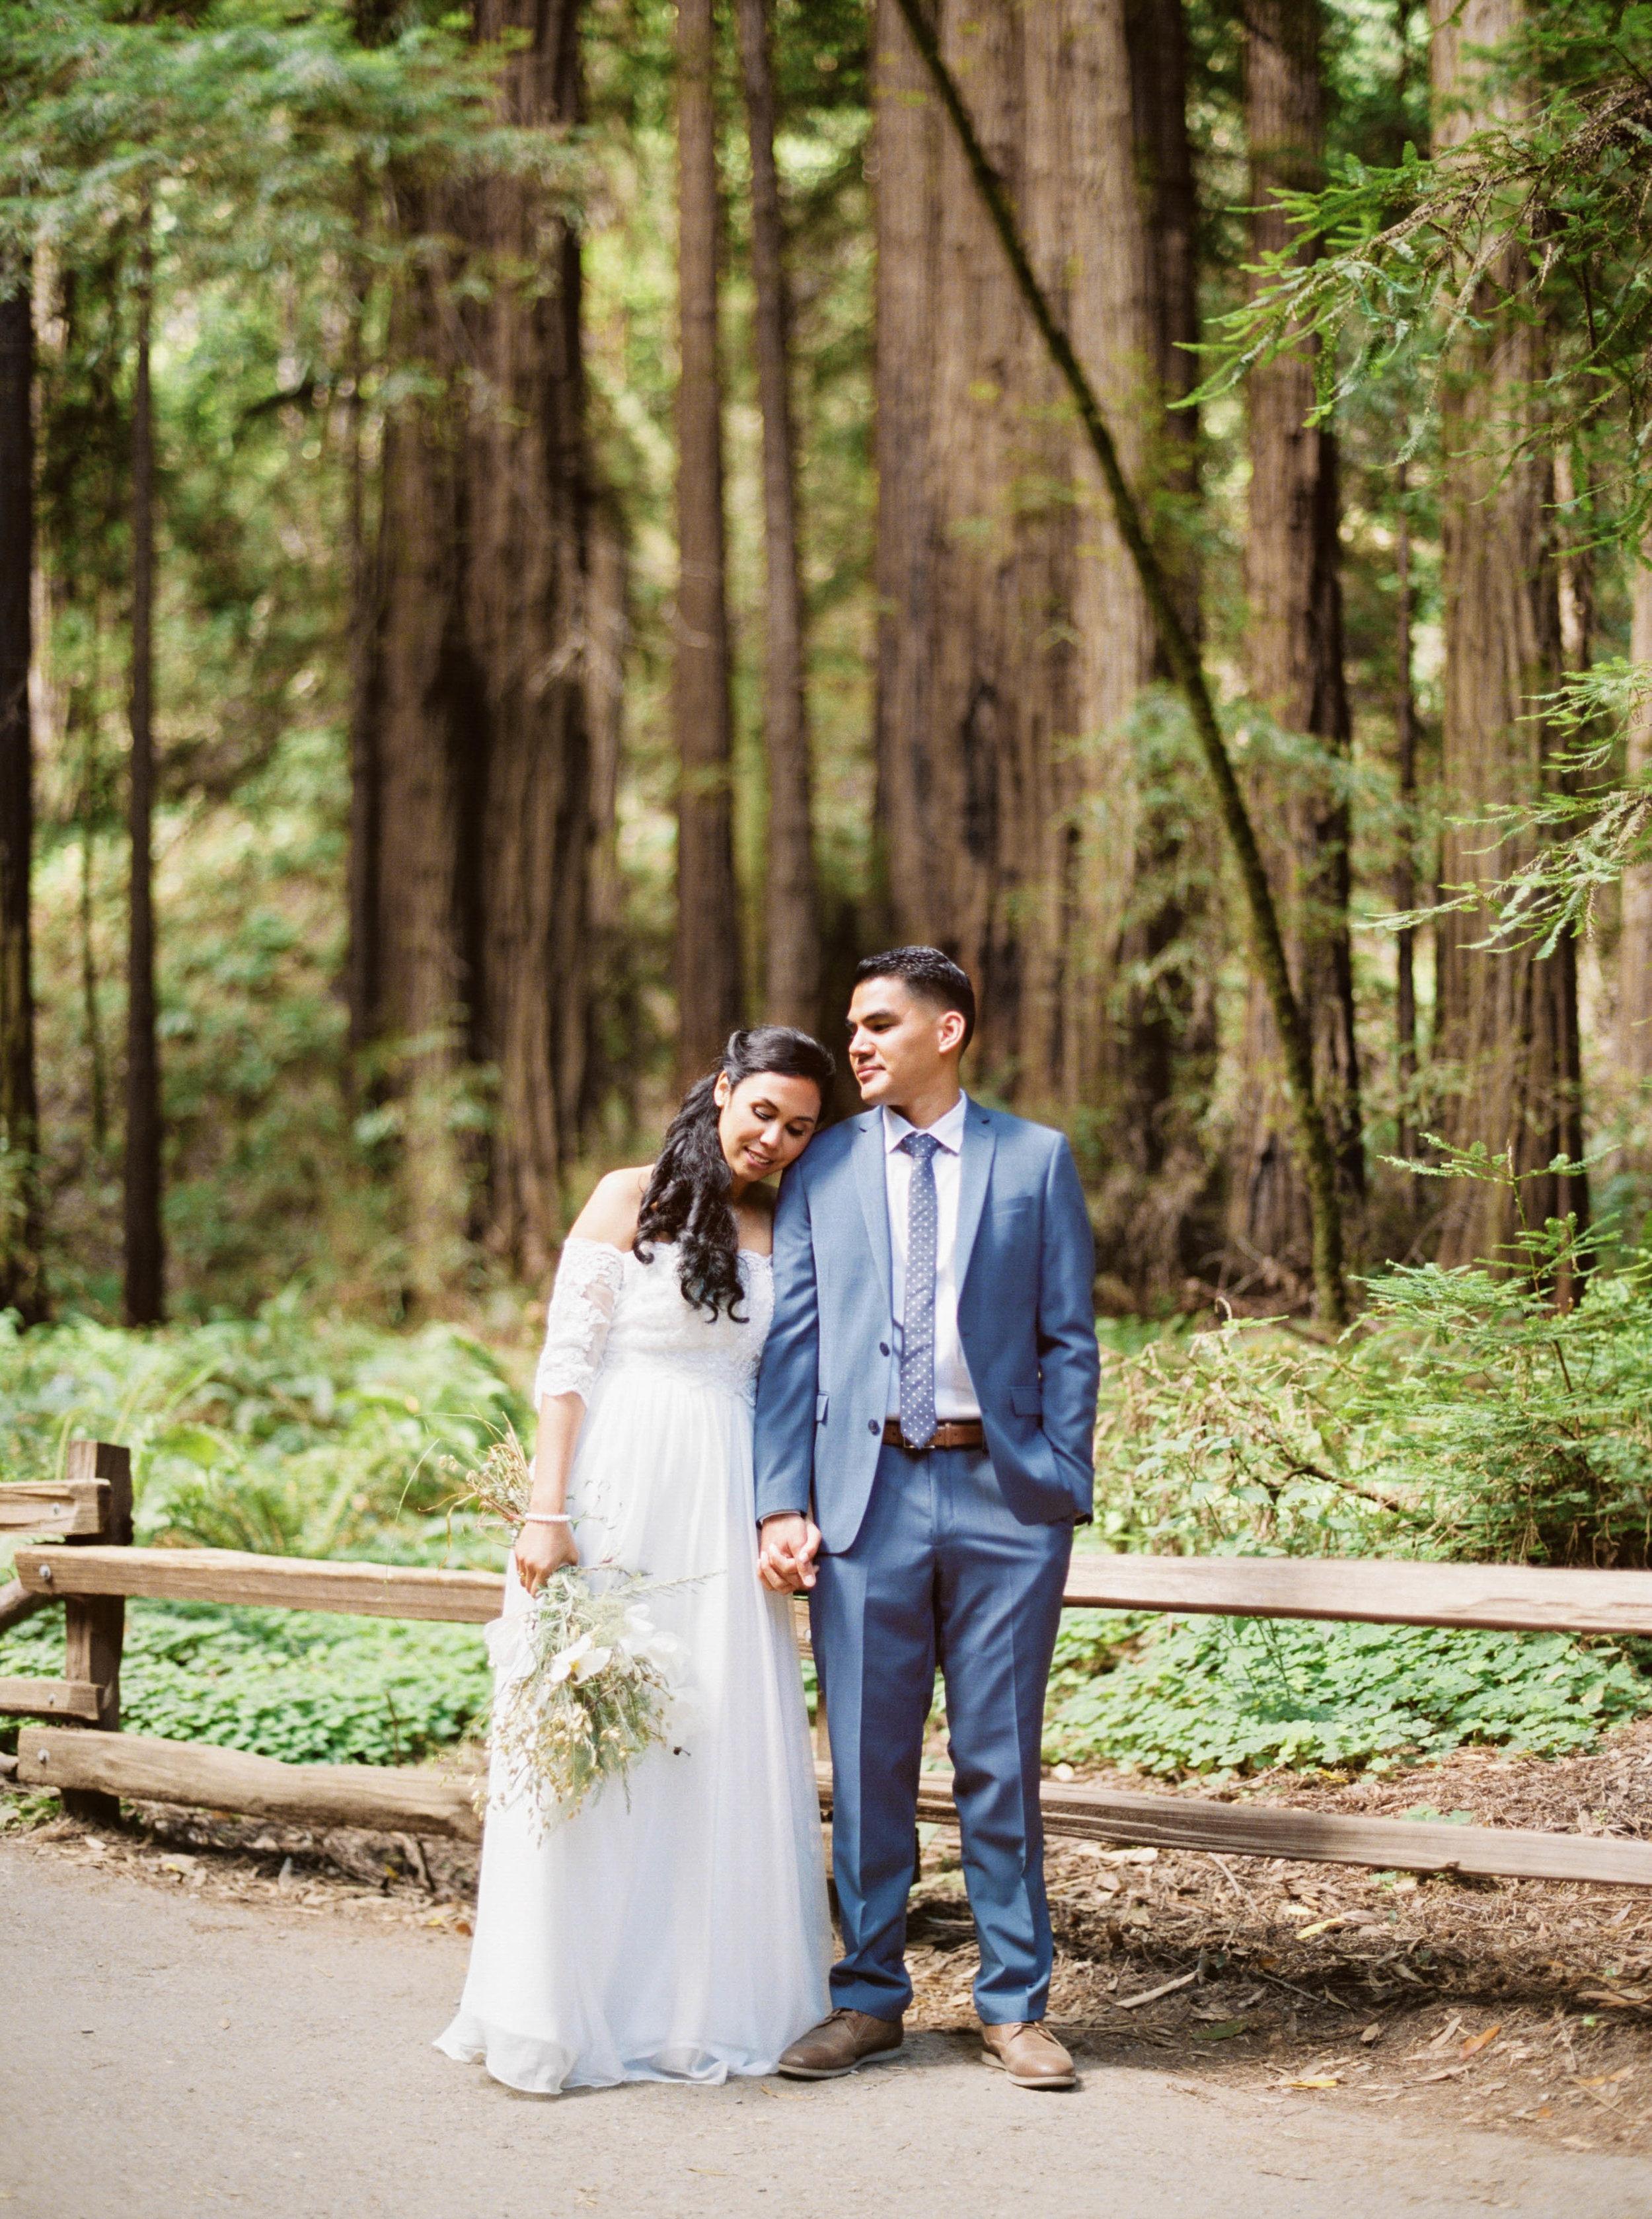 009_Krysten-Crebin-Muir-Woods-Elopement-Wedding-Photographer.jpg